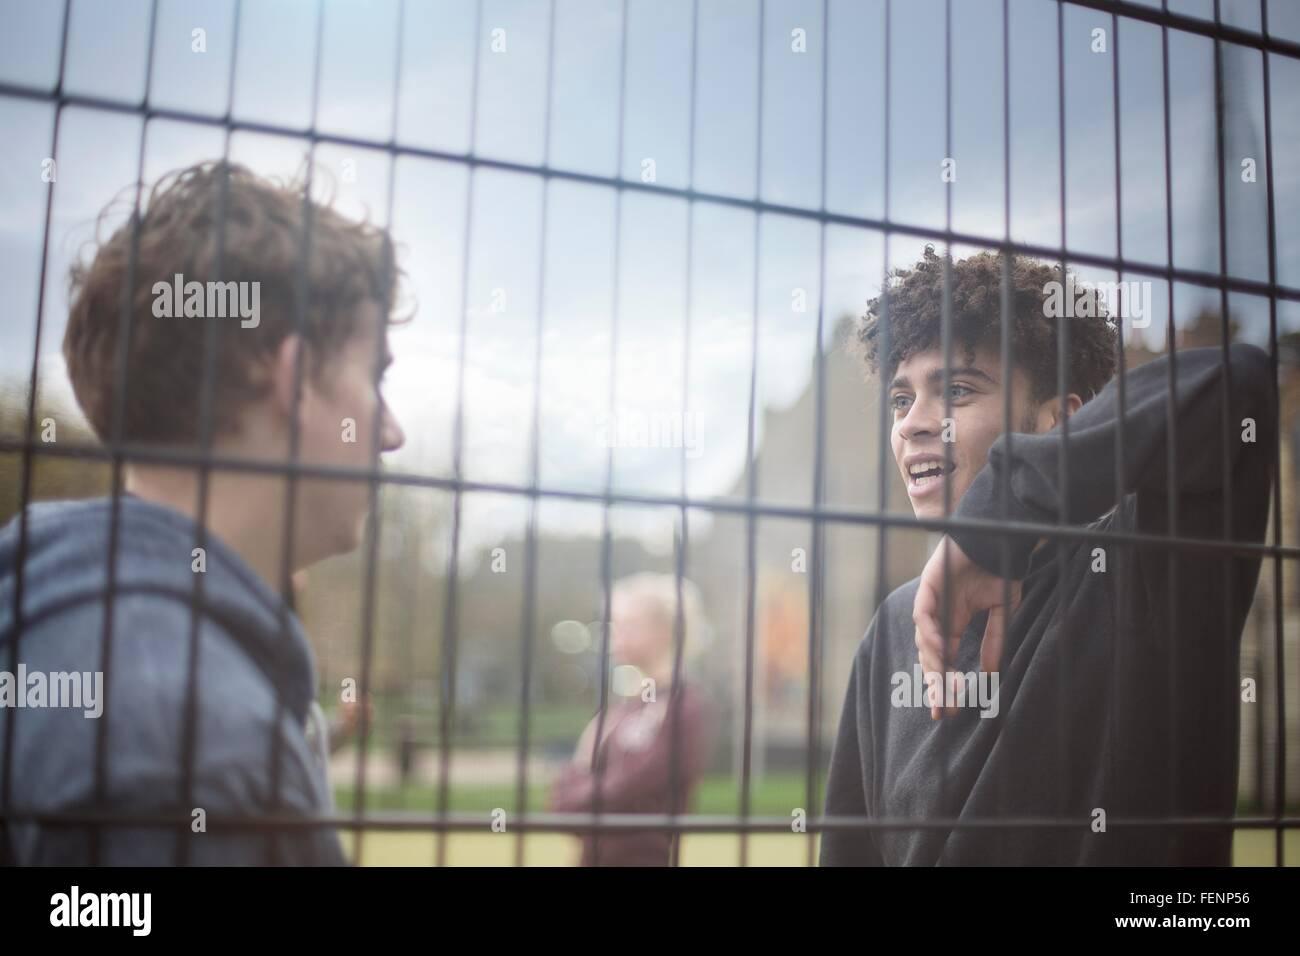 Dos hombres jóvenes apoyándose contra la valla, hablando Imagen De Stock